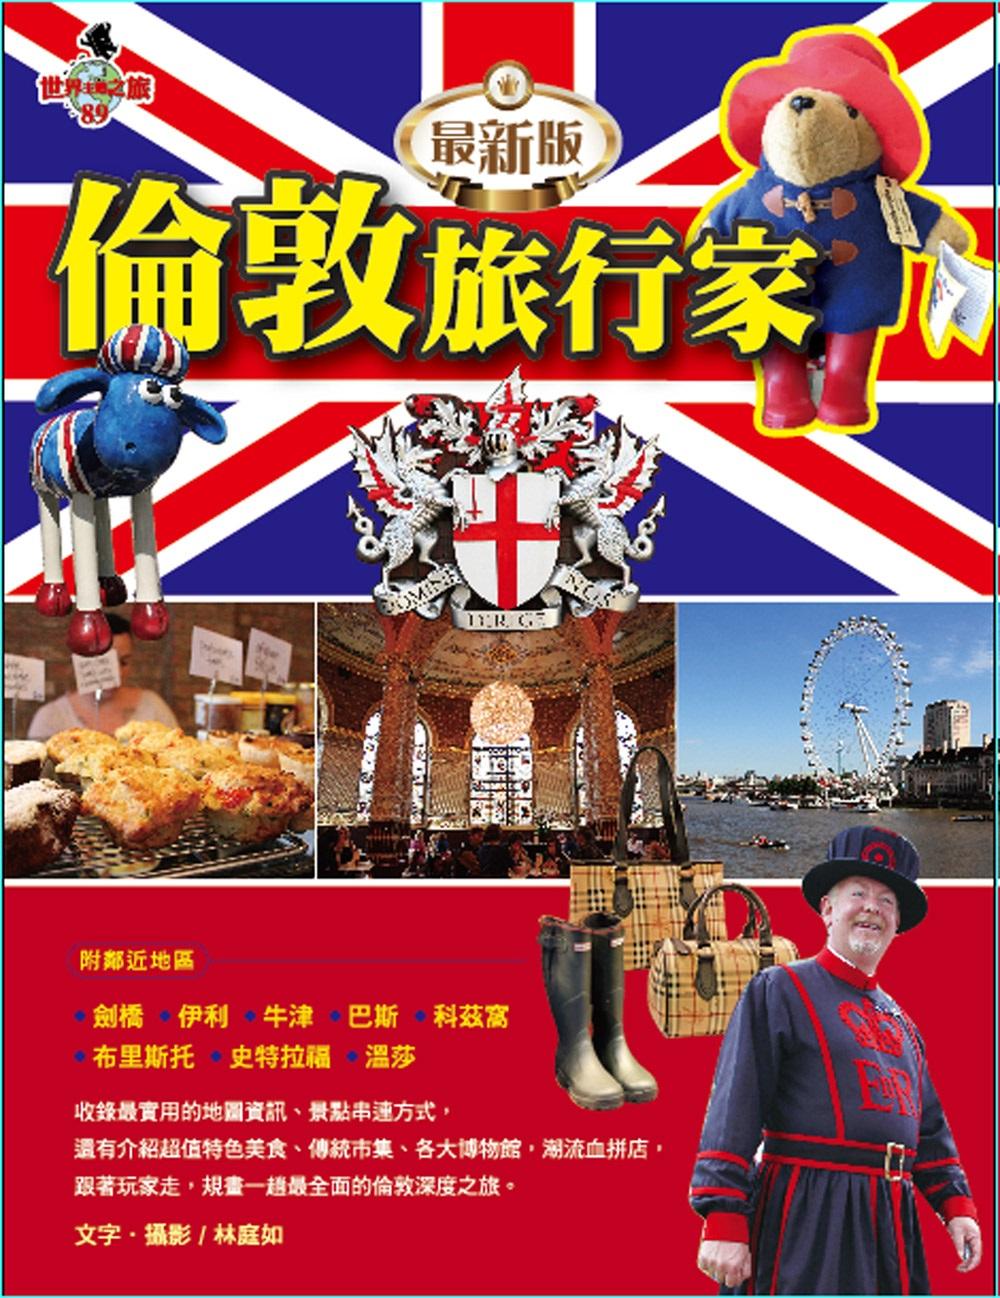 倫敦旅行家^( 版^)附鄰近 :劍橋、伊利、牛津、巴斯、科茲窩、布里斯托、史特拉福、溫莎